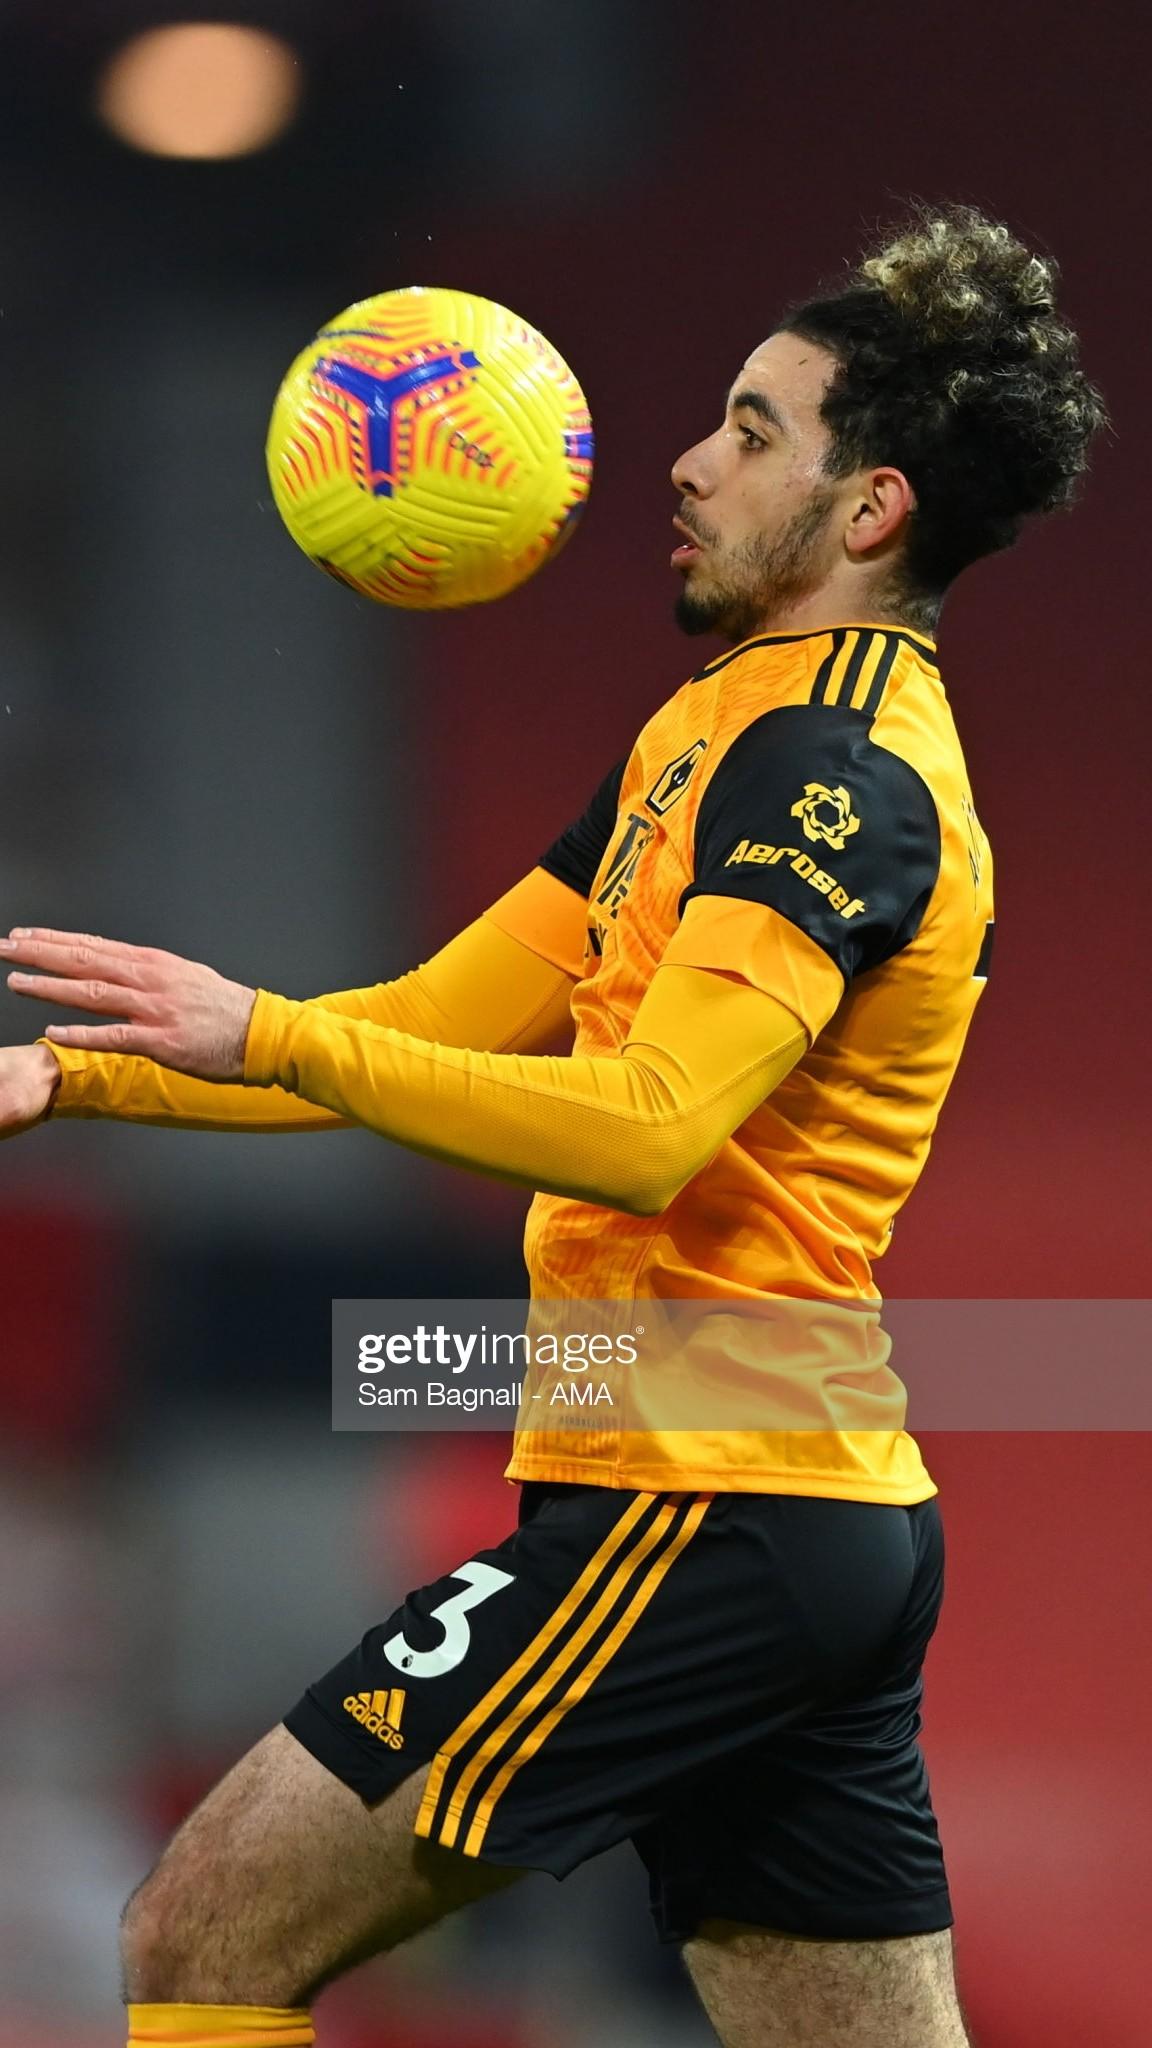 [Image: MANCHESTER-ENGLAND-DECEMBER-29-Rayan-Ait...League.jpg]